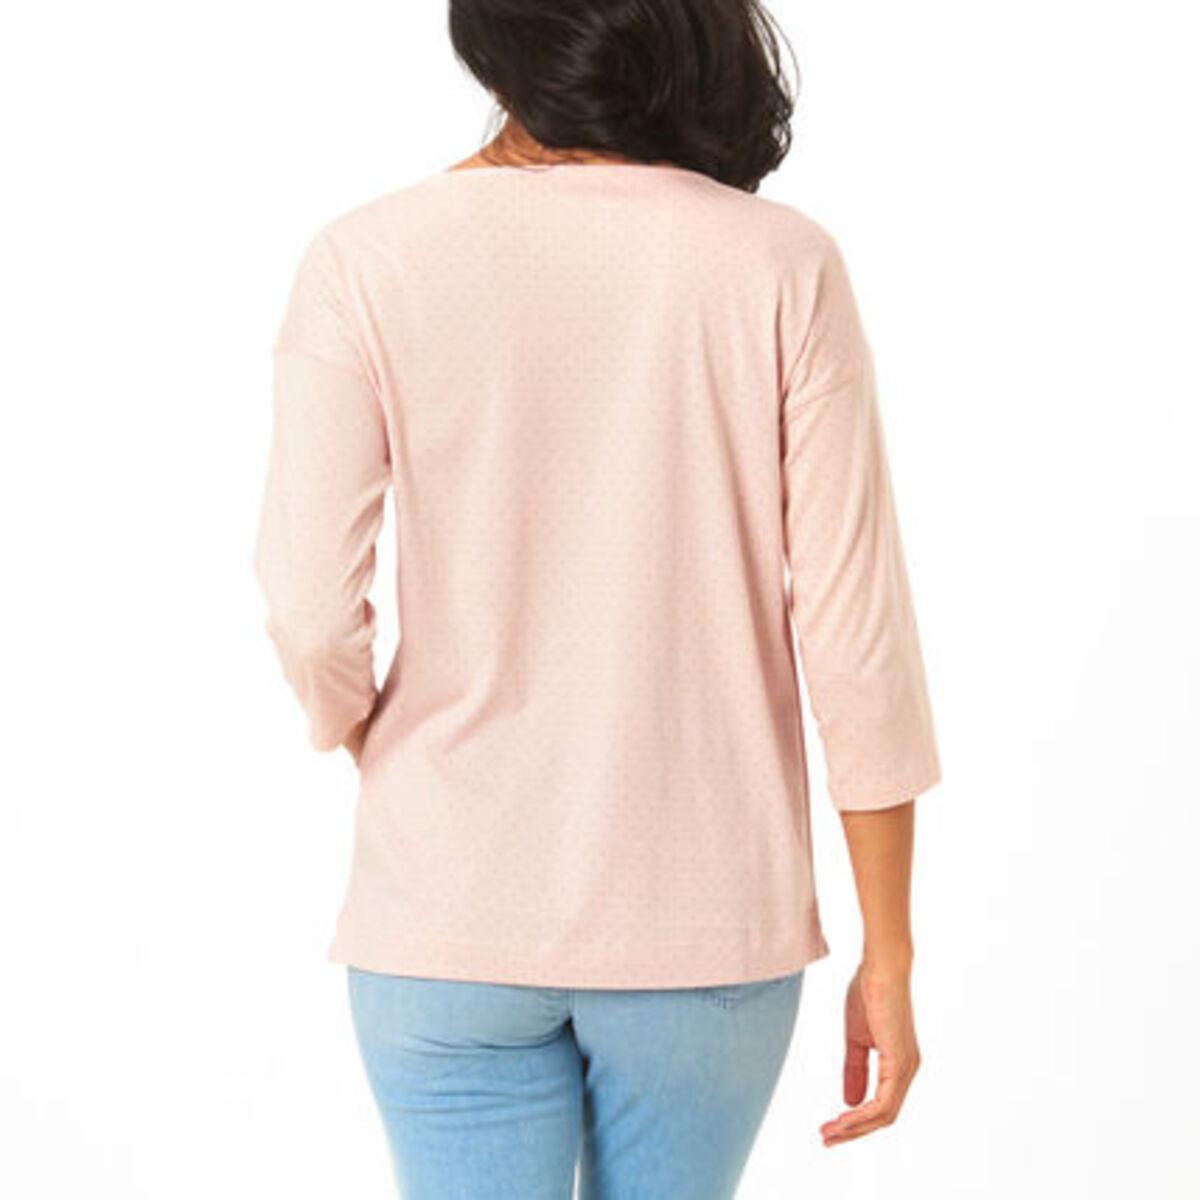 """Bild 3 von Adagio Shirt """"Mona"""", U-Boot-Ausschnitt, für Damen"""